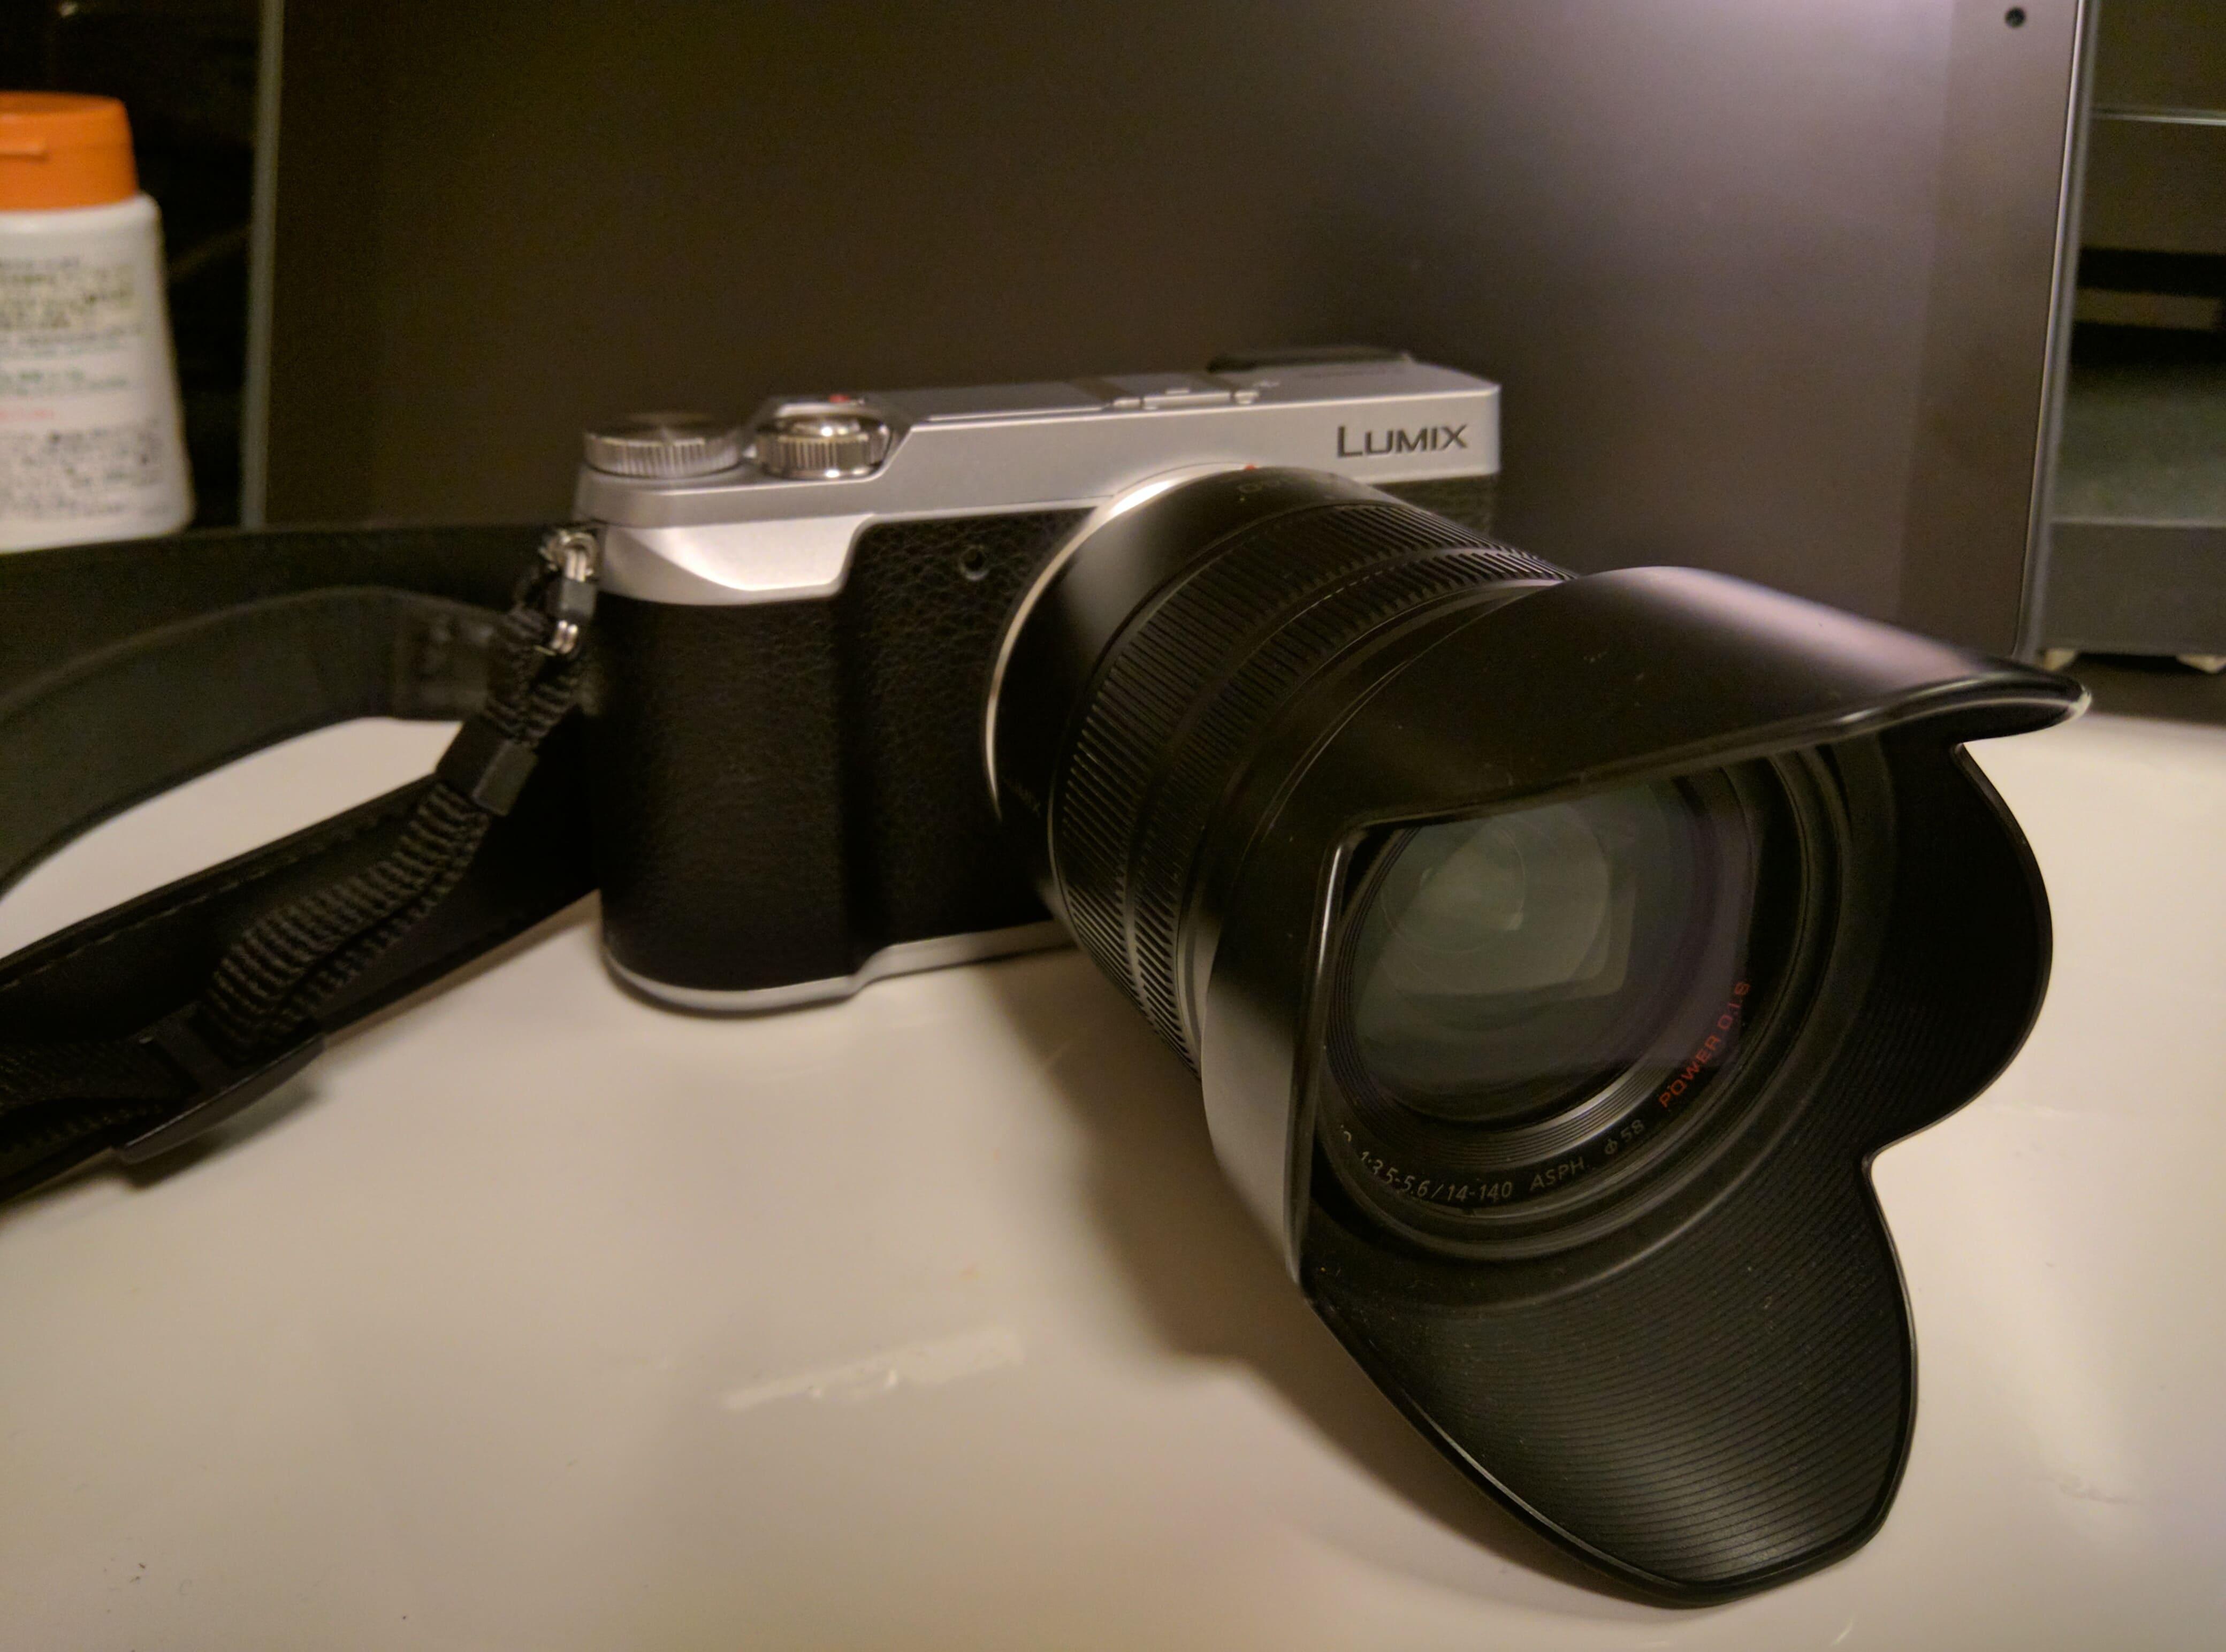 ミラーレスカメラをゲットしました。 Part 3